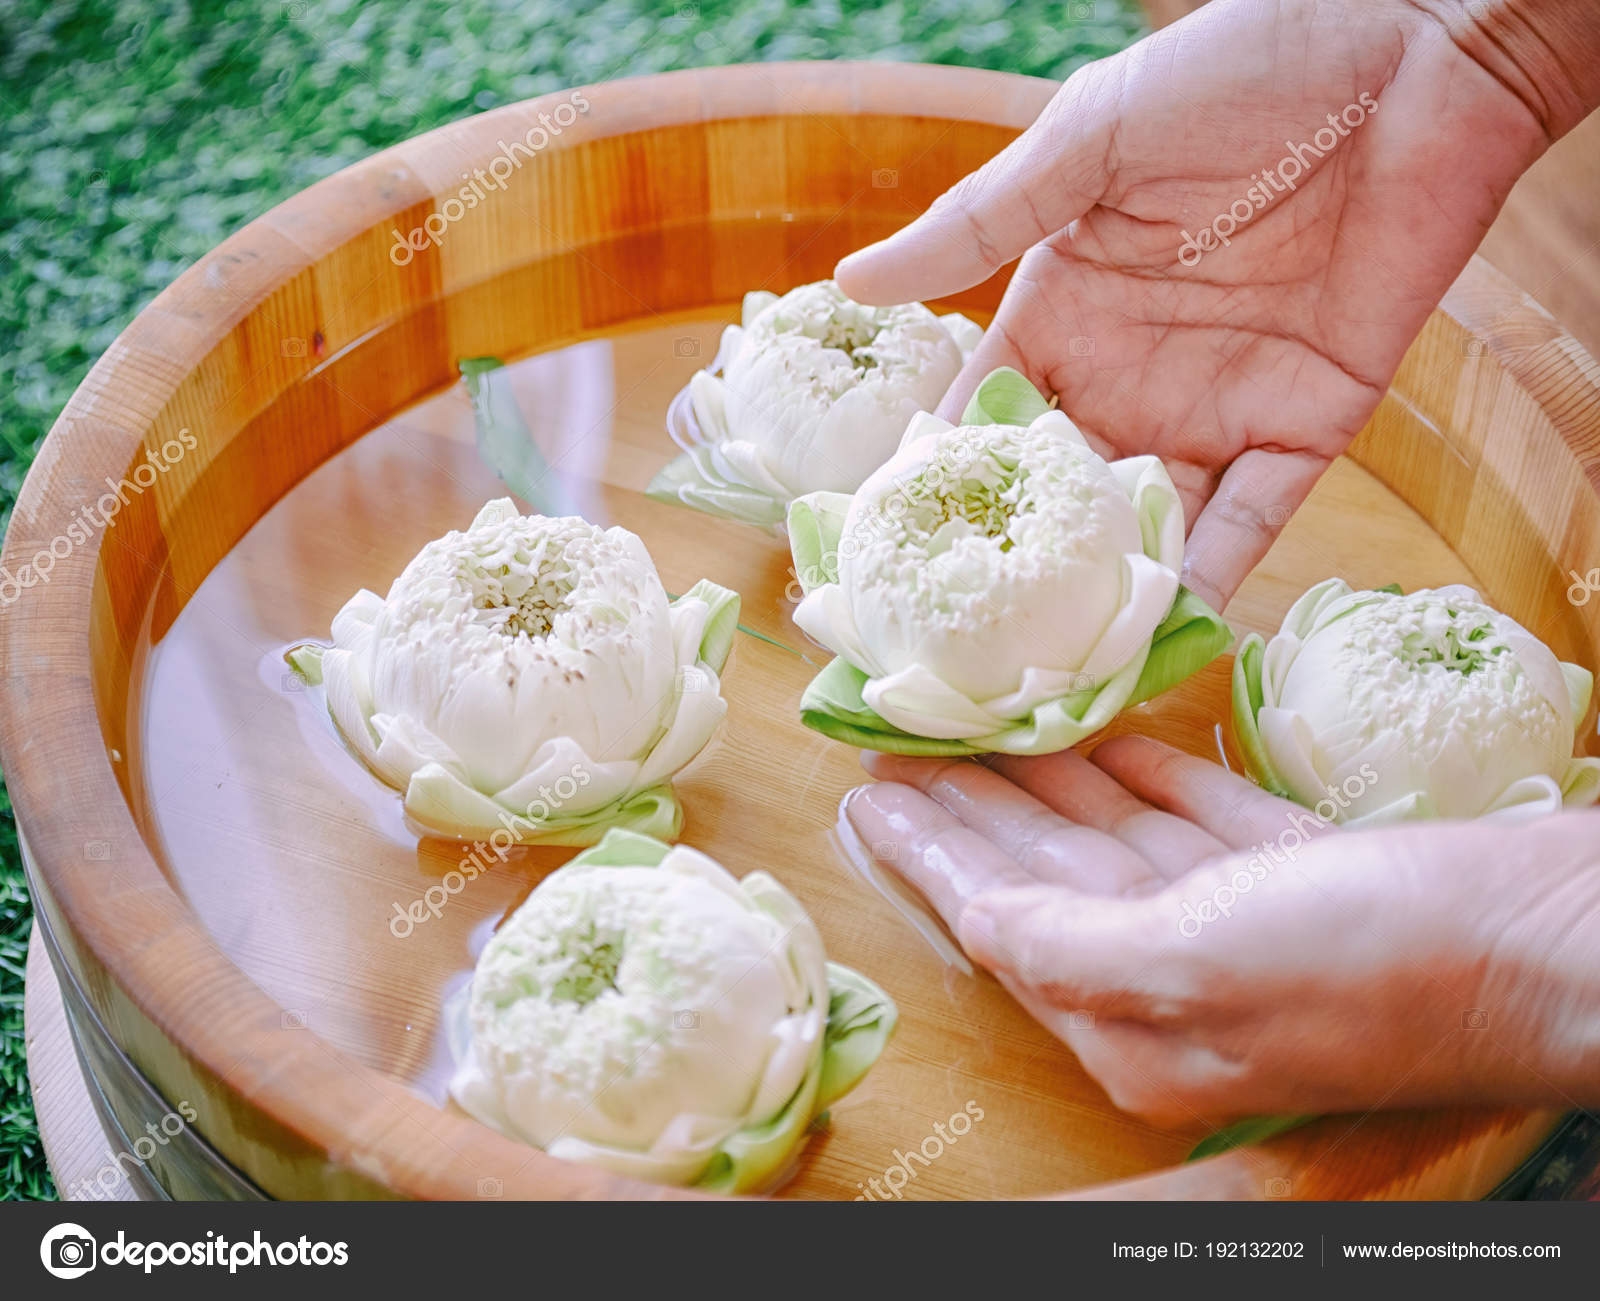 Vistoso Loto Spa De Uñas Regalo - Ideas Para Pintar Uñas - acmmath.com